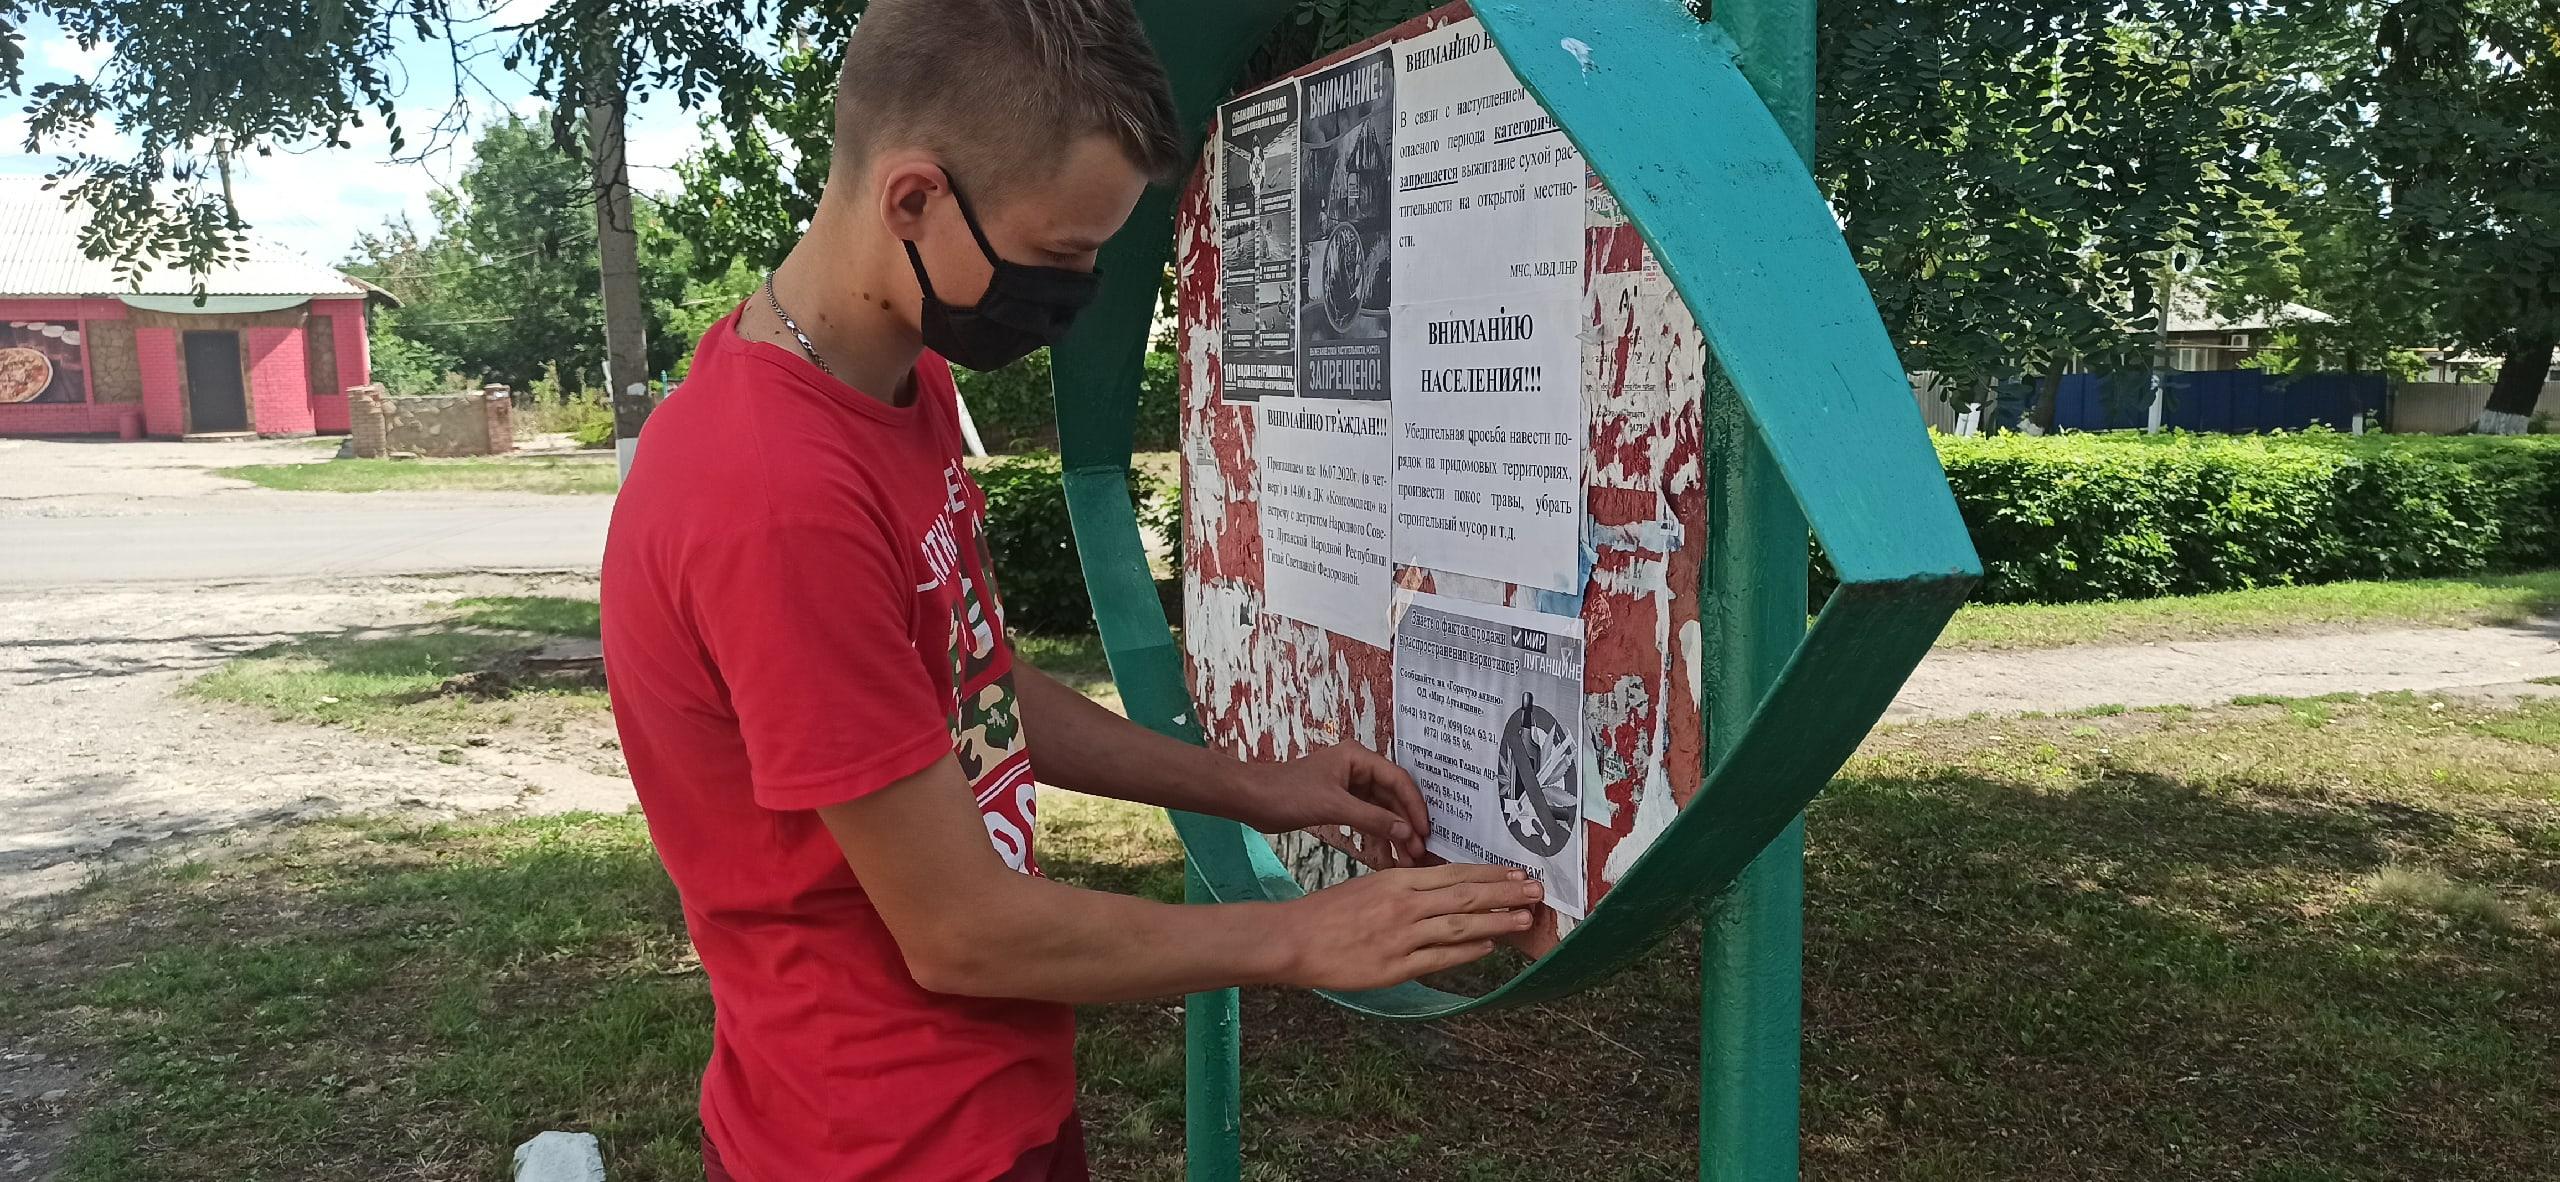 Активисты ОД «Мир Луганщине» напомнили жителям Металлиста и Лотиково о работе горячих линий акции «Стоп наркотикам!»